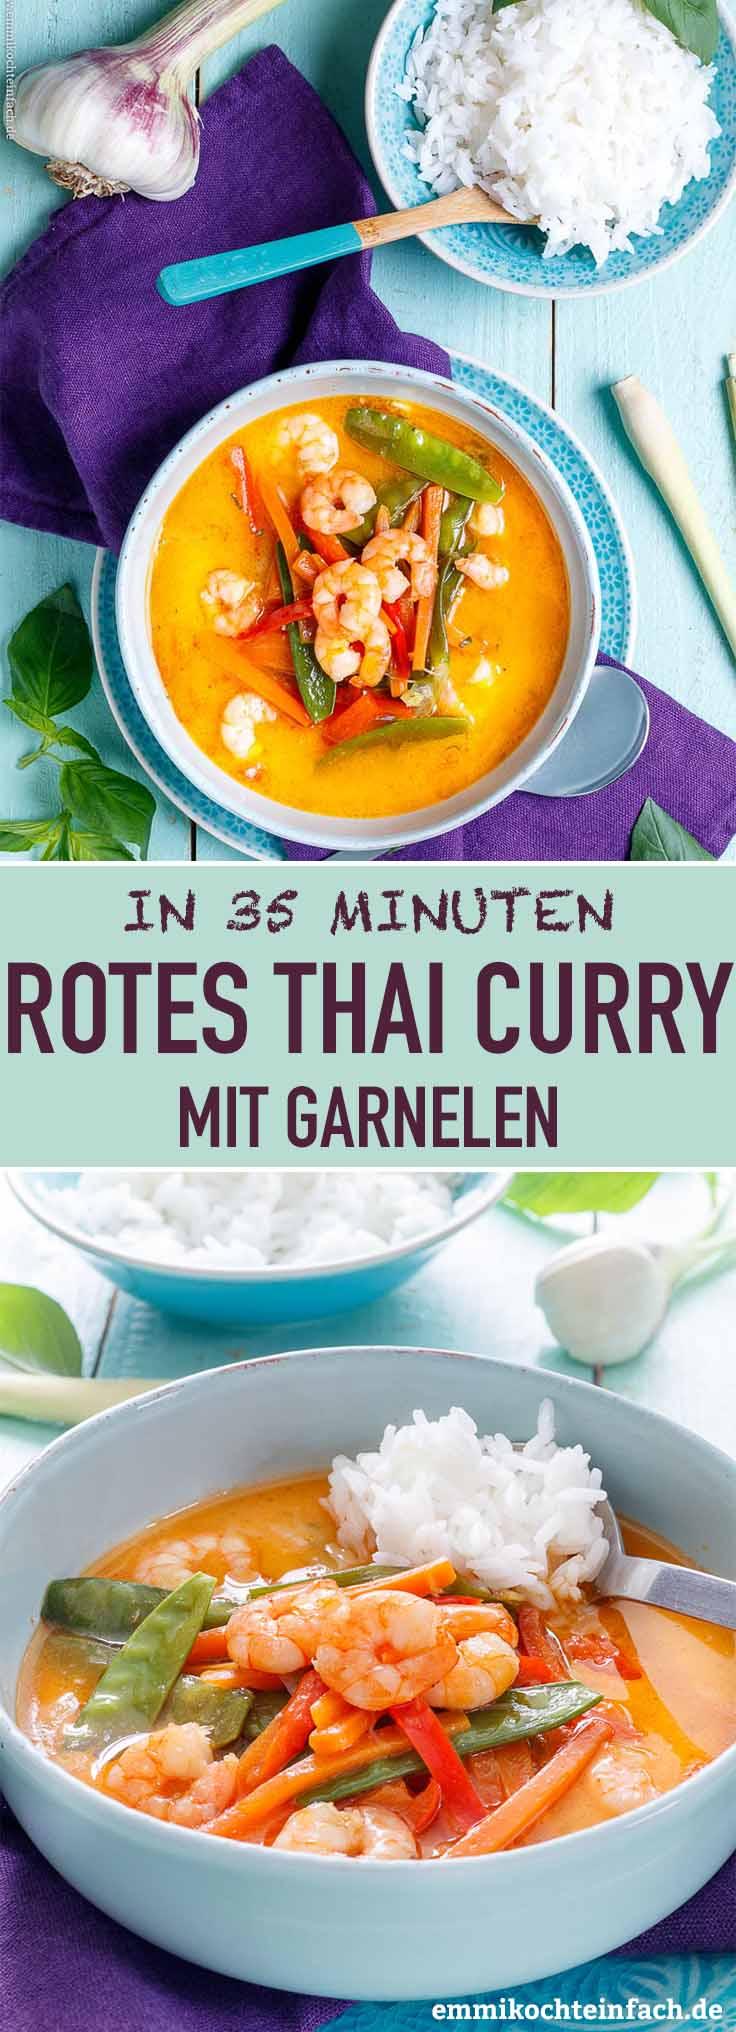 Rotes Thai Curry mit Garnelen - www.emmikochteinfach.de